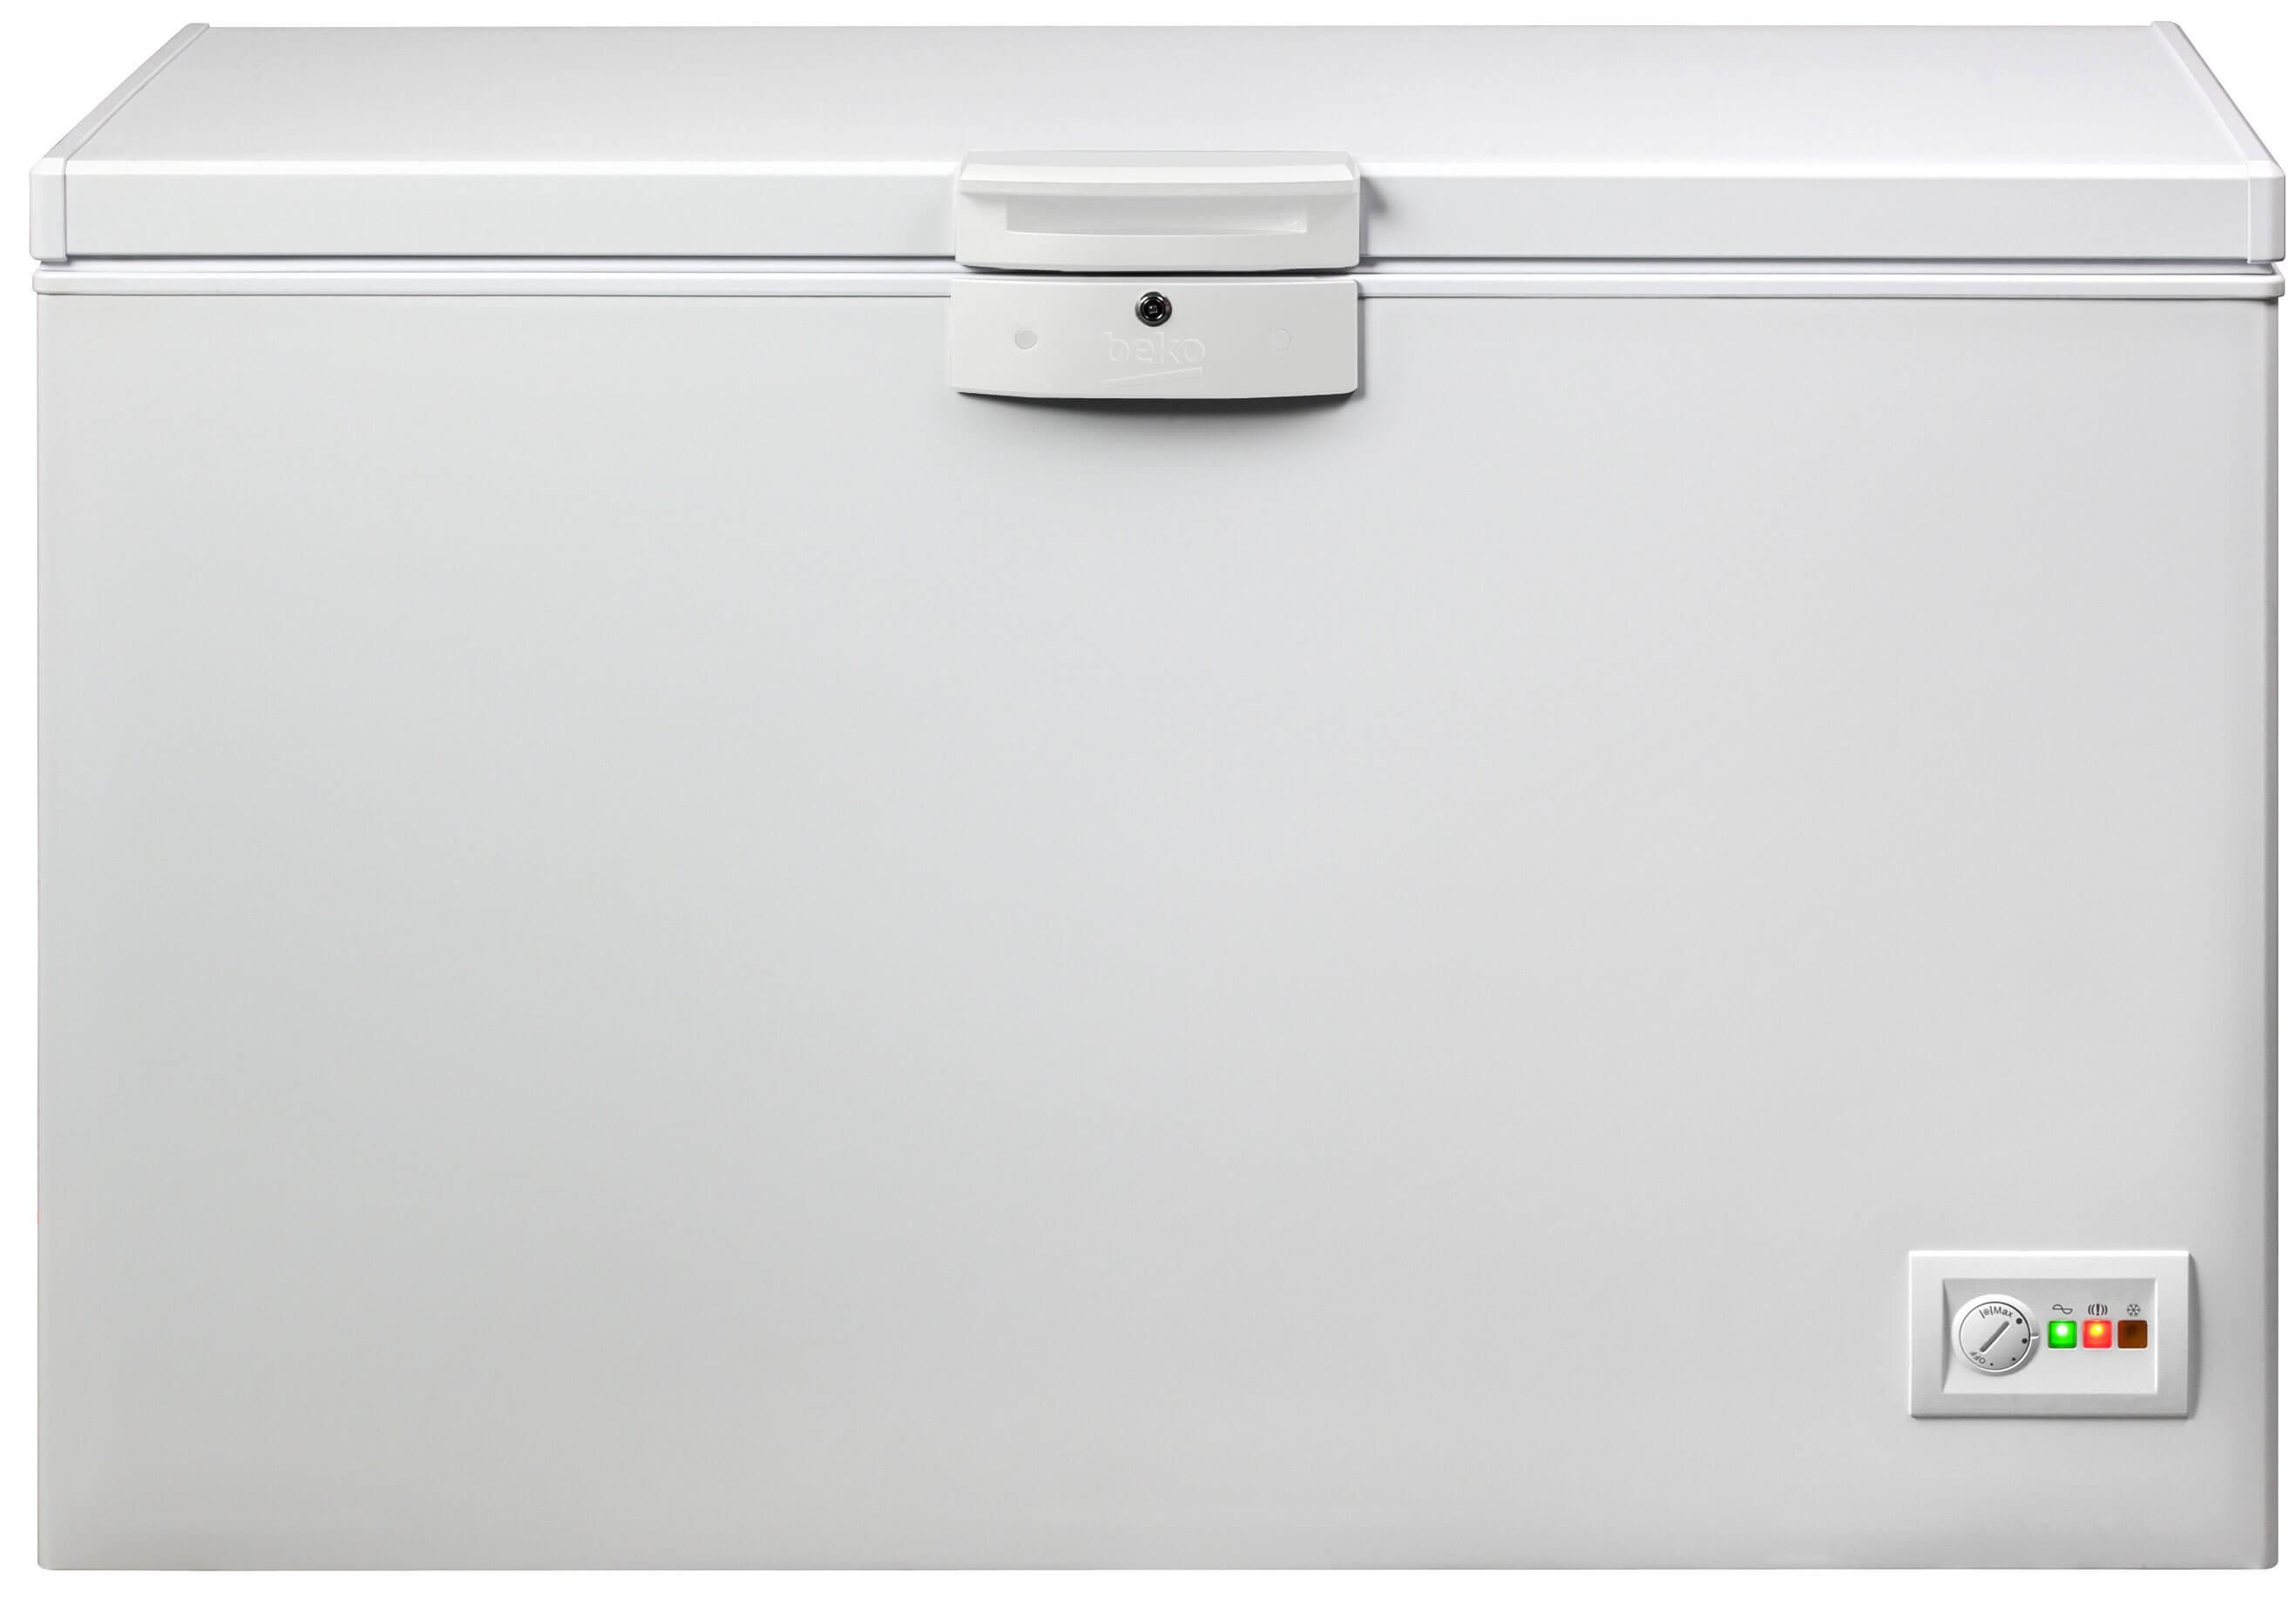 Lada frigorifica Beko HS147520